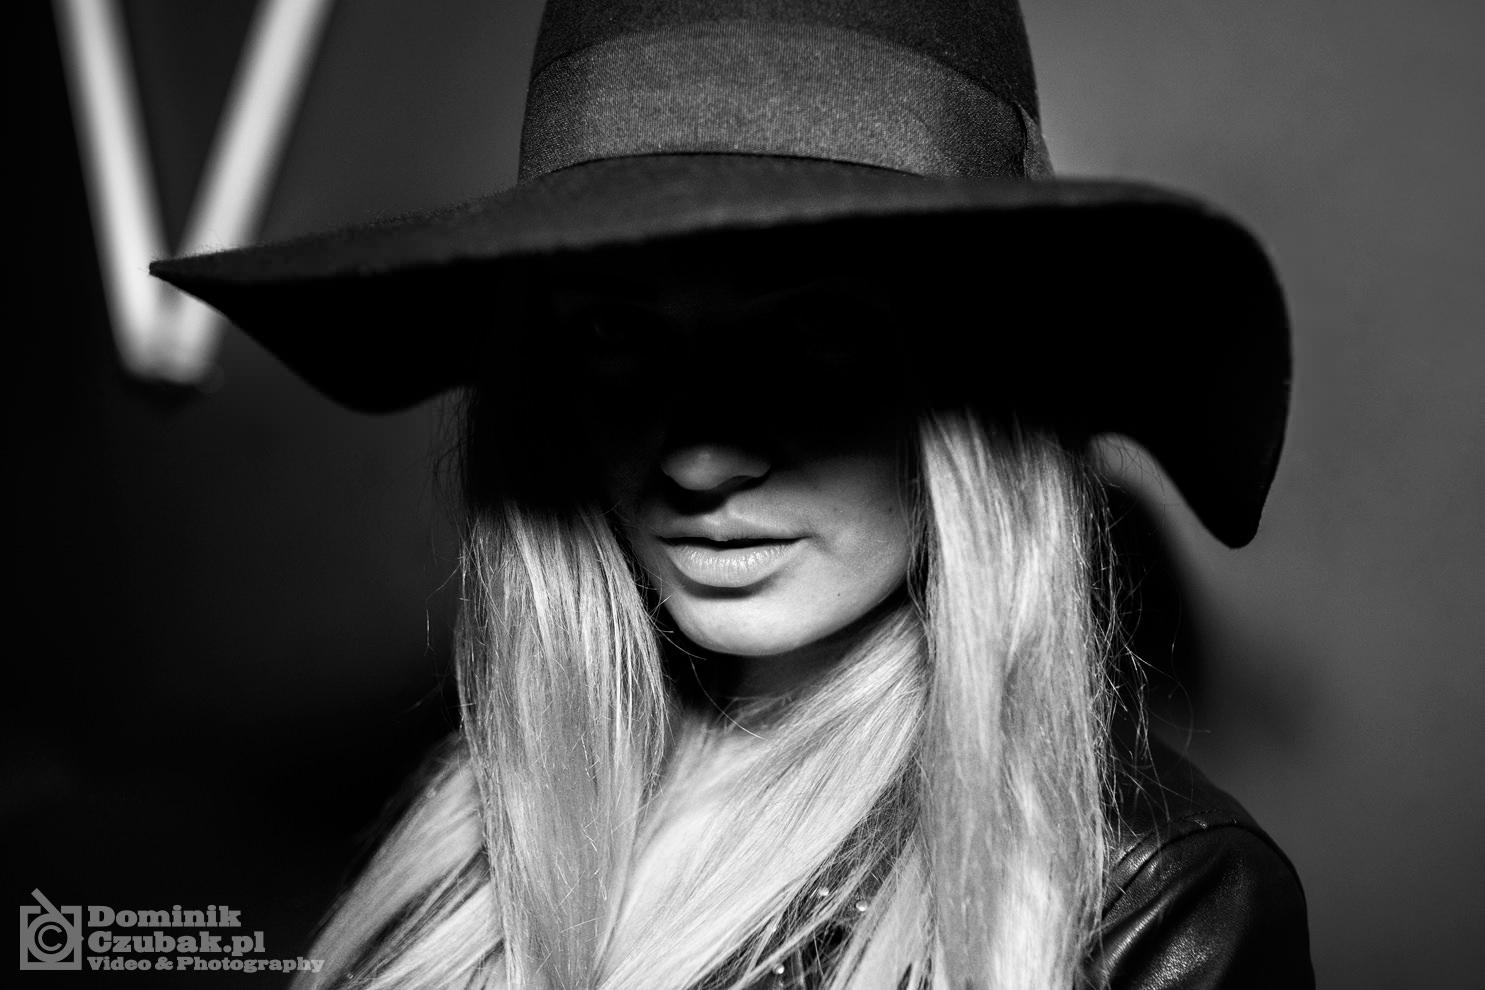 fotografia-klubowa-044